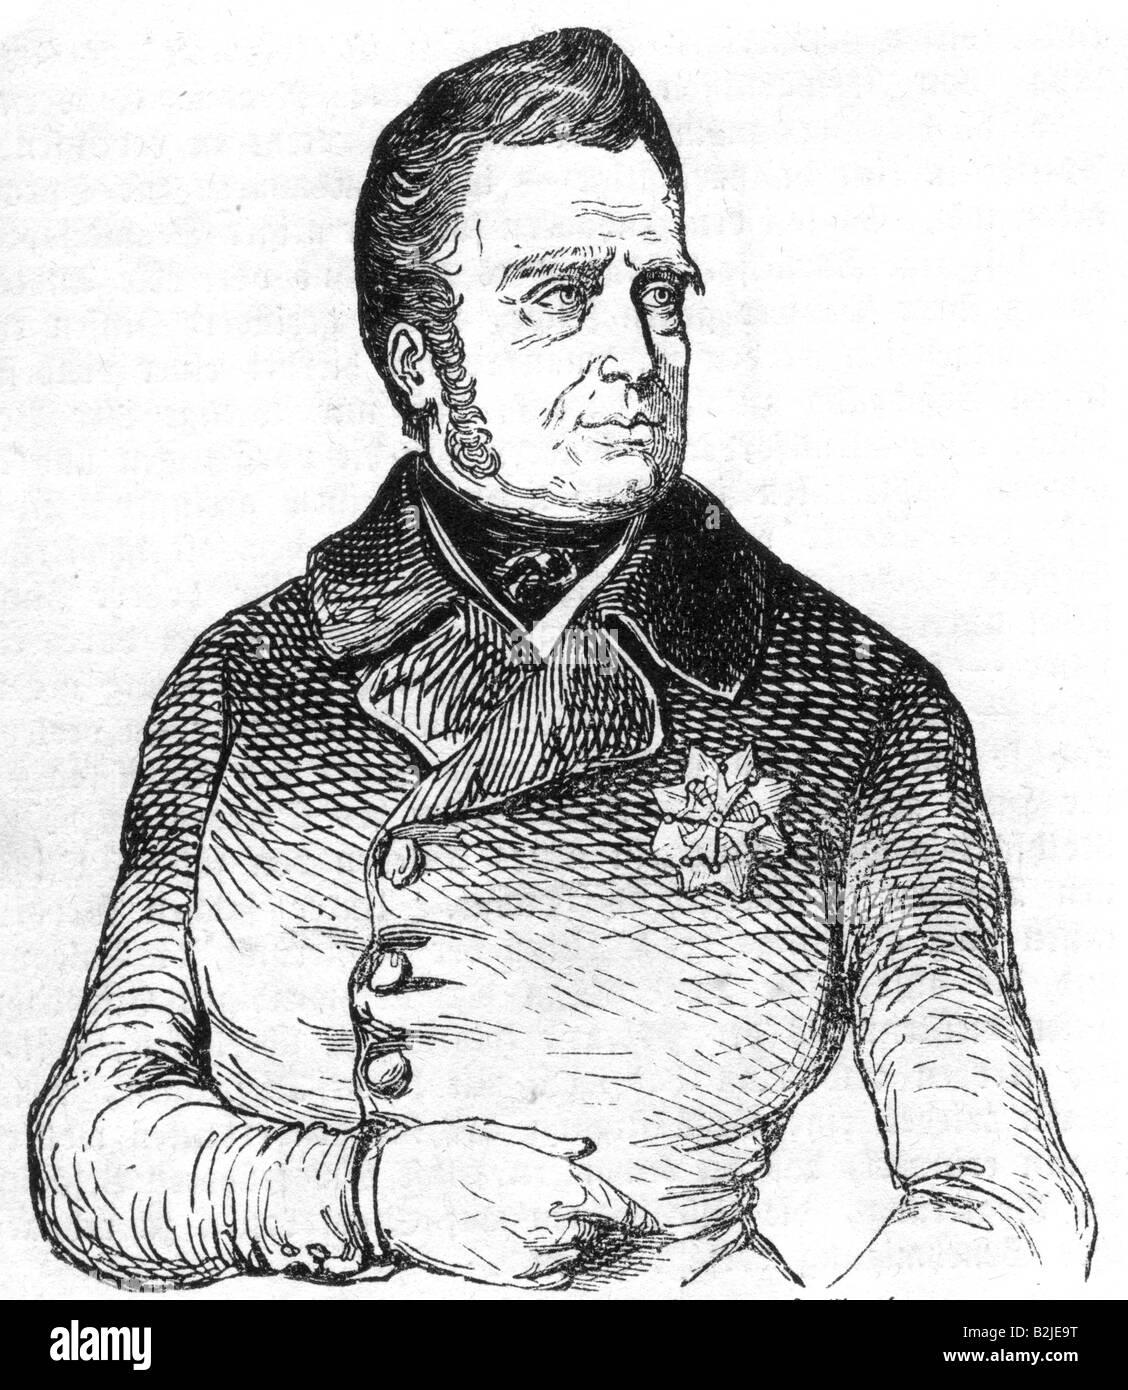 Guillermo I, 24.8.1772 - 12.12.1843, Rey de los Países Bajos 16.3.1814 - 7.10.1840, de longitud media, grabado, Imagen De Stock